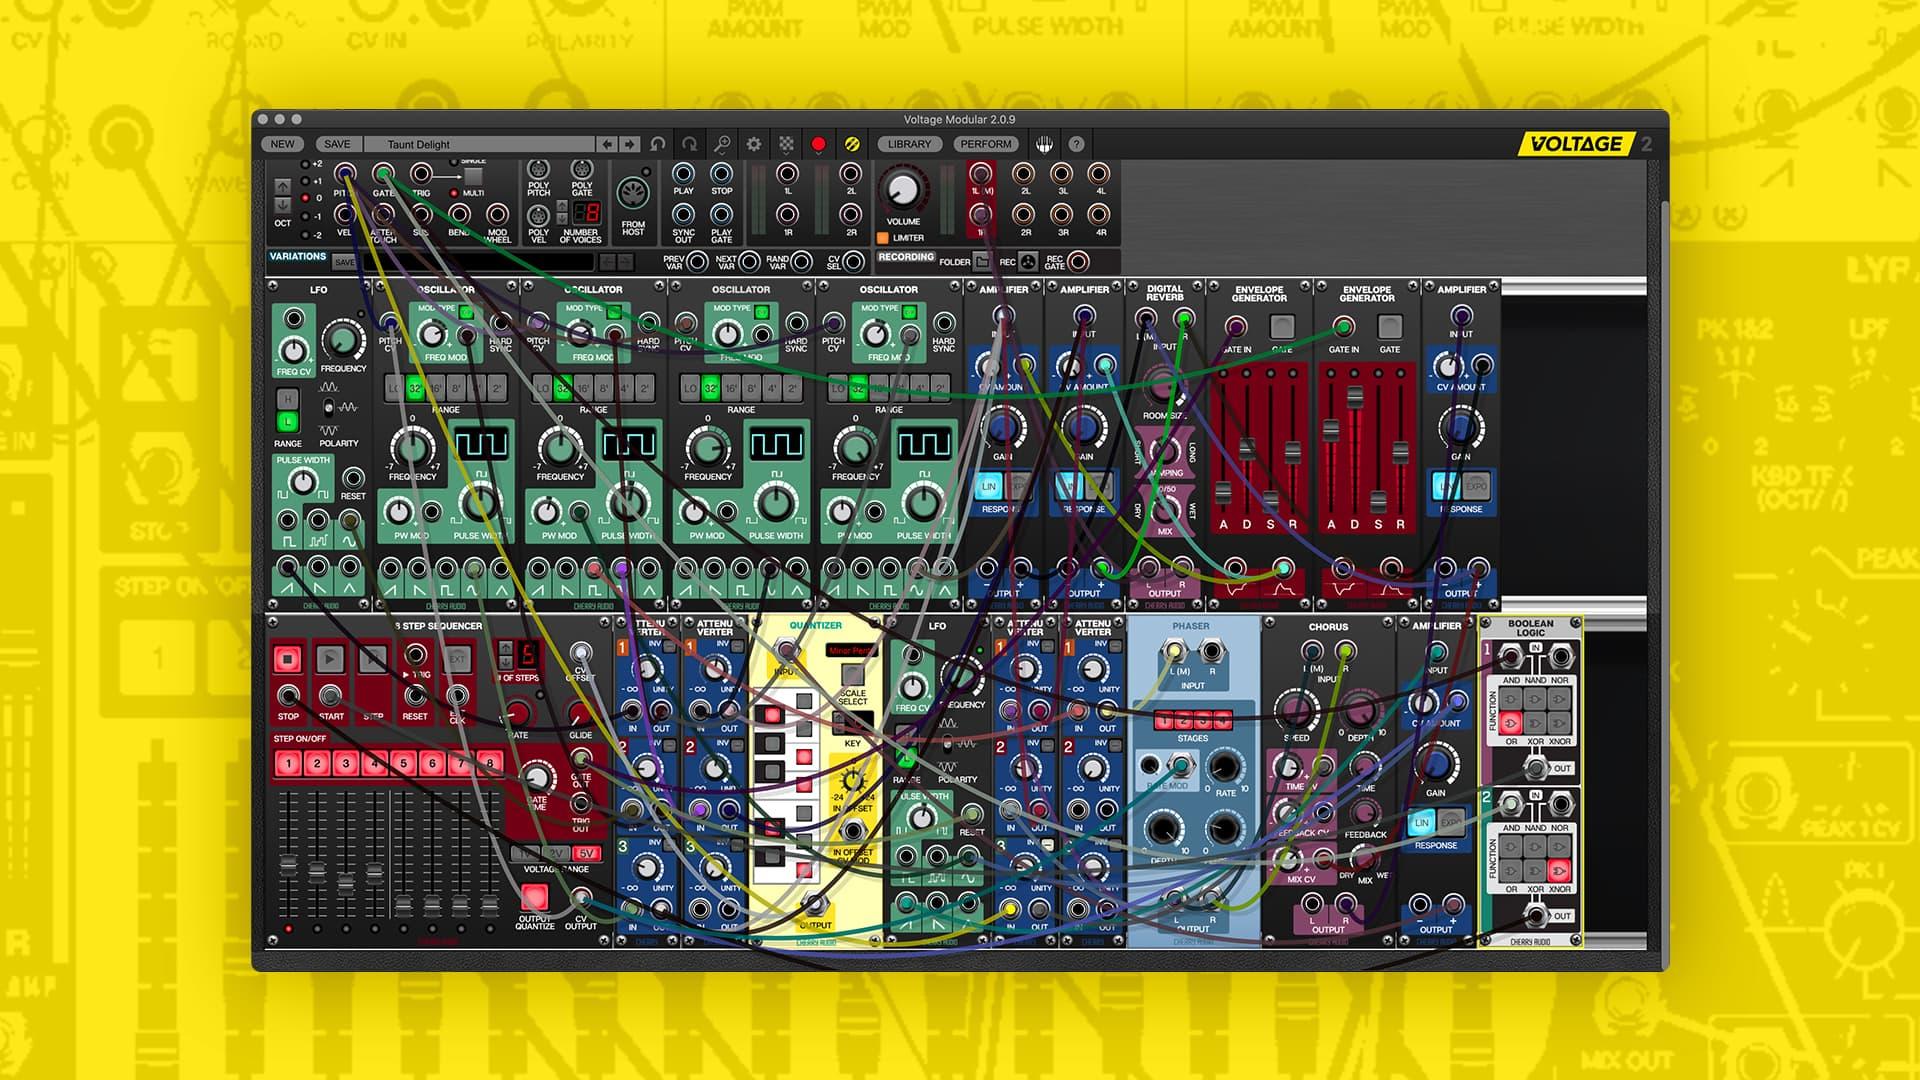 Plug-in Voltage Modular Nucleus Gratuit sur PC & Mac (Dématérialisé - AU / VST / VST3 / Pro Tools AAX) - cherryaudio.com